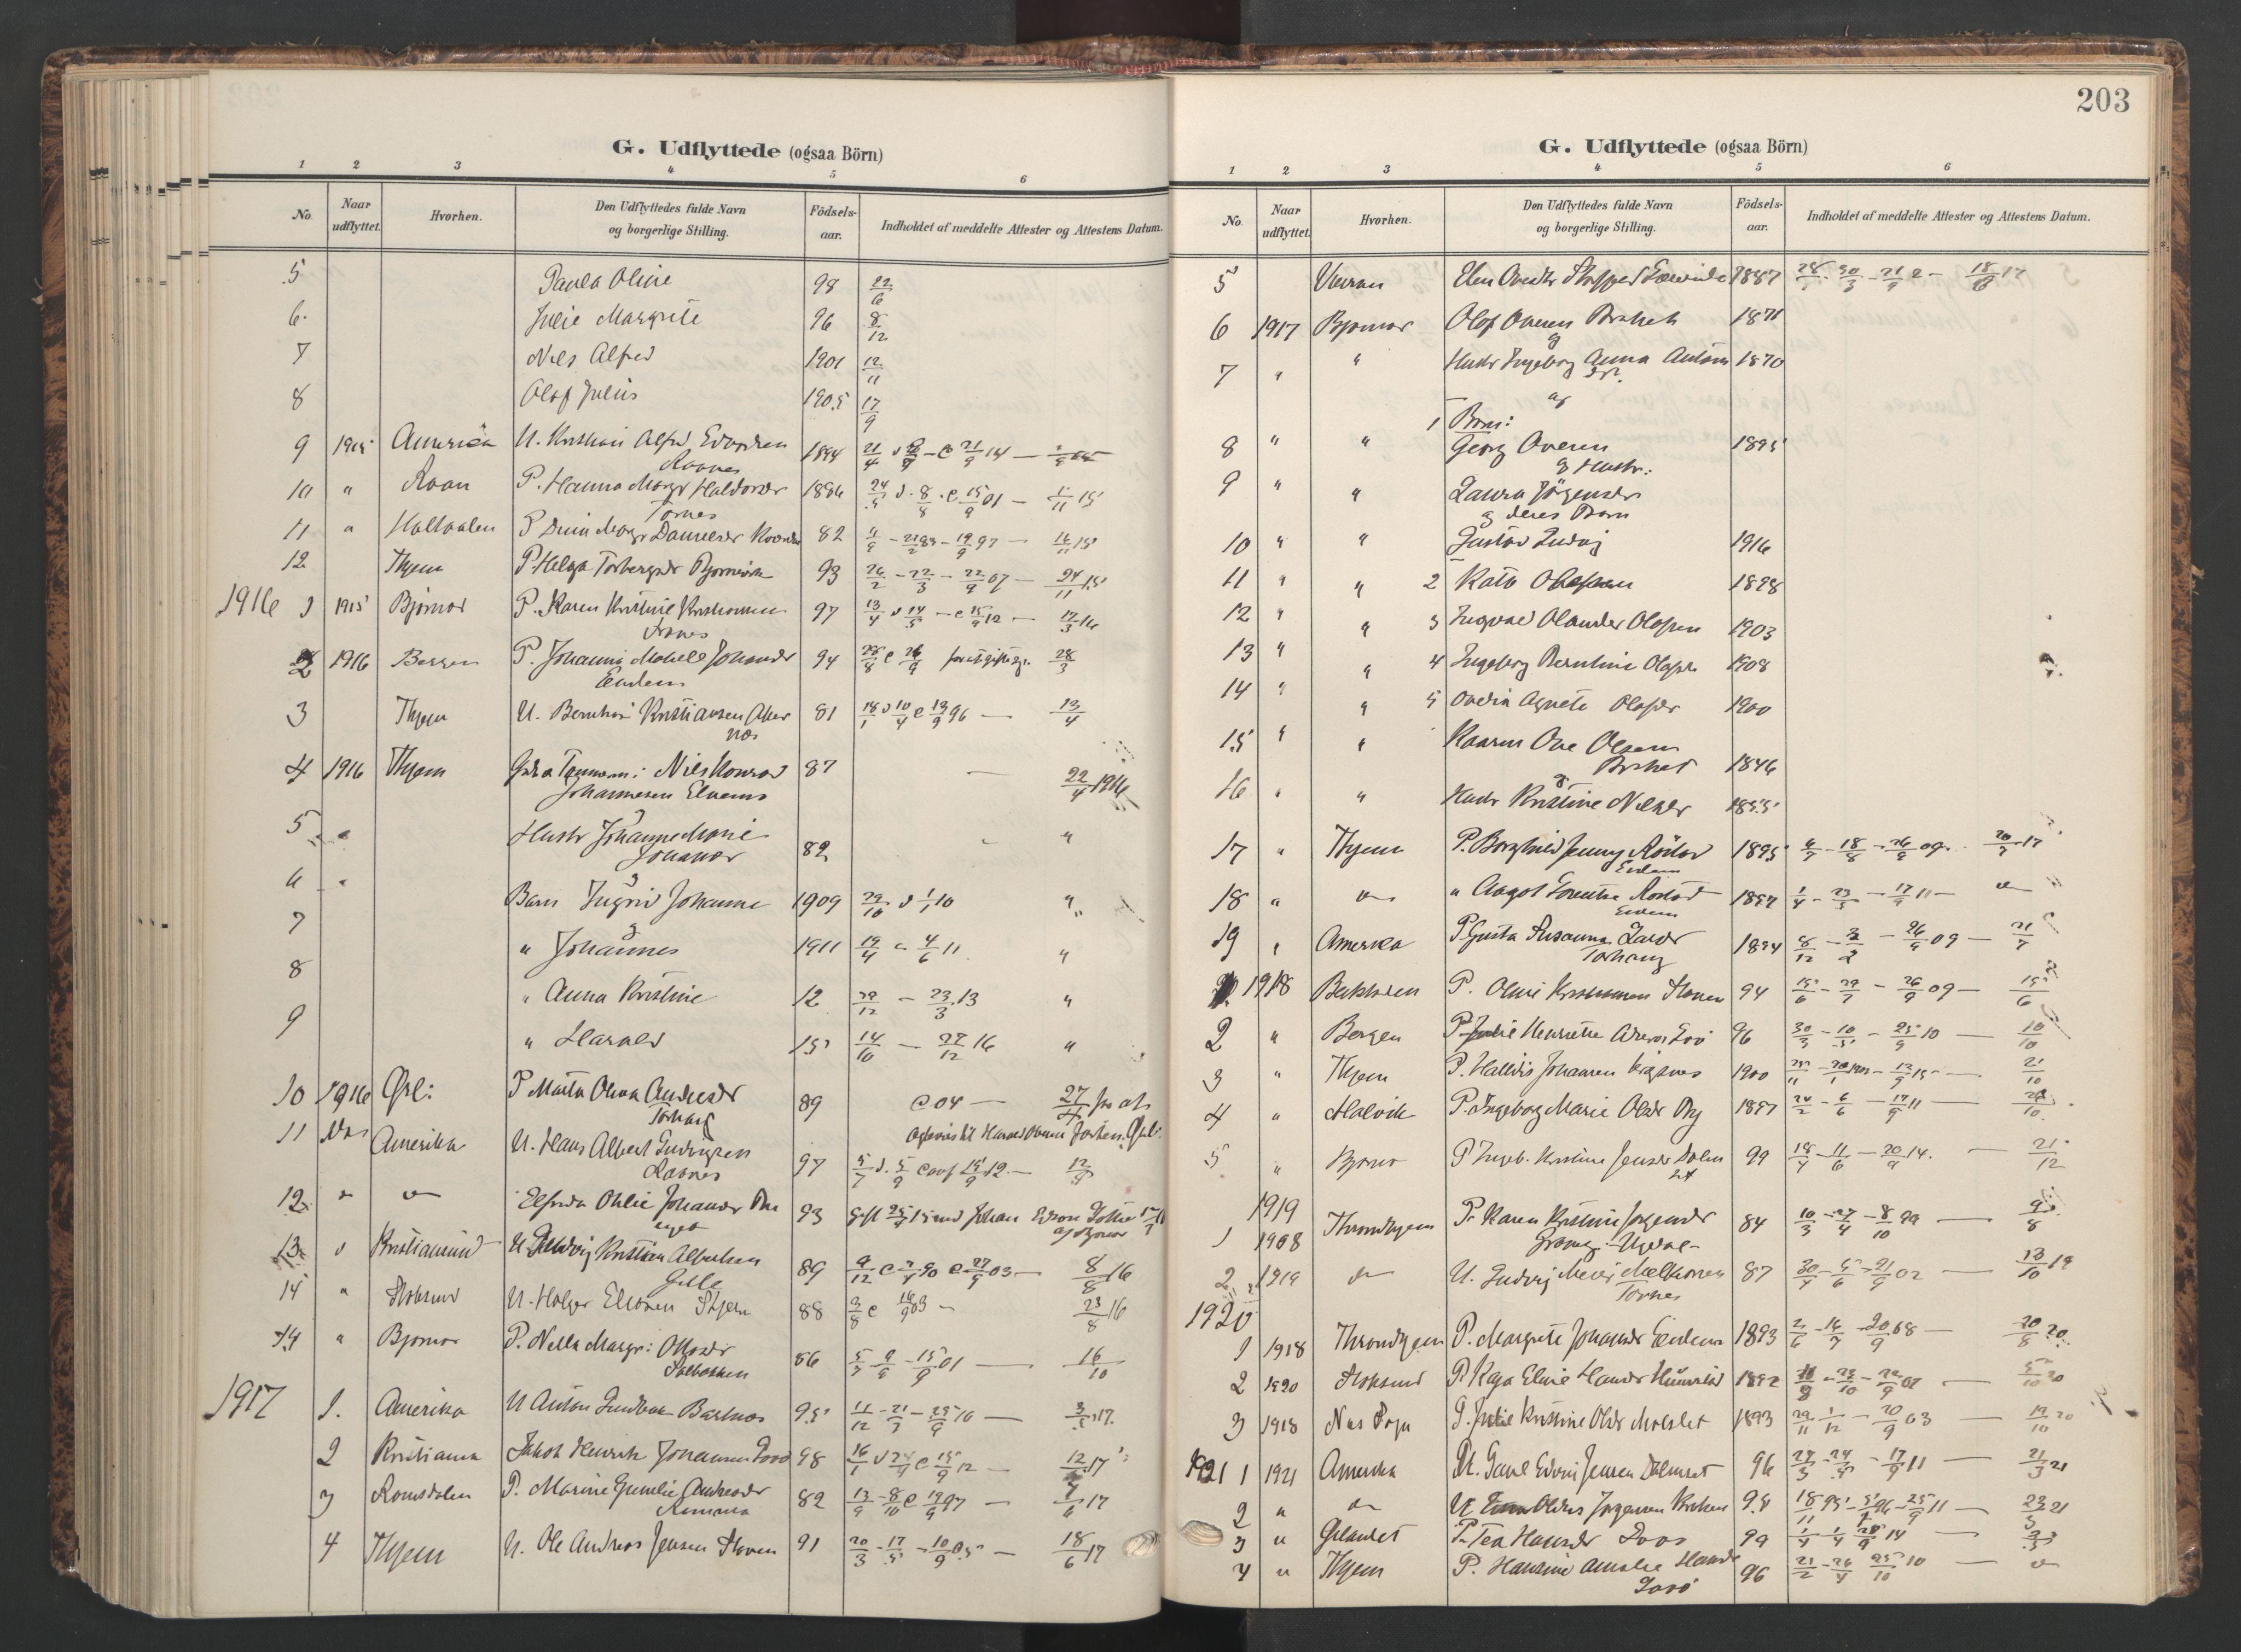 SAT, Ministerialprotokoller, klokkerbøker og fødselsregistre - Sør-Trøndelag, 655/L0682: Ministerialbok nr. 655A11, 1908-1922, s. 203